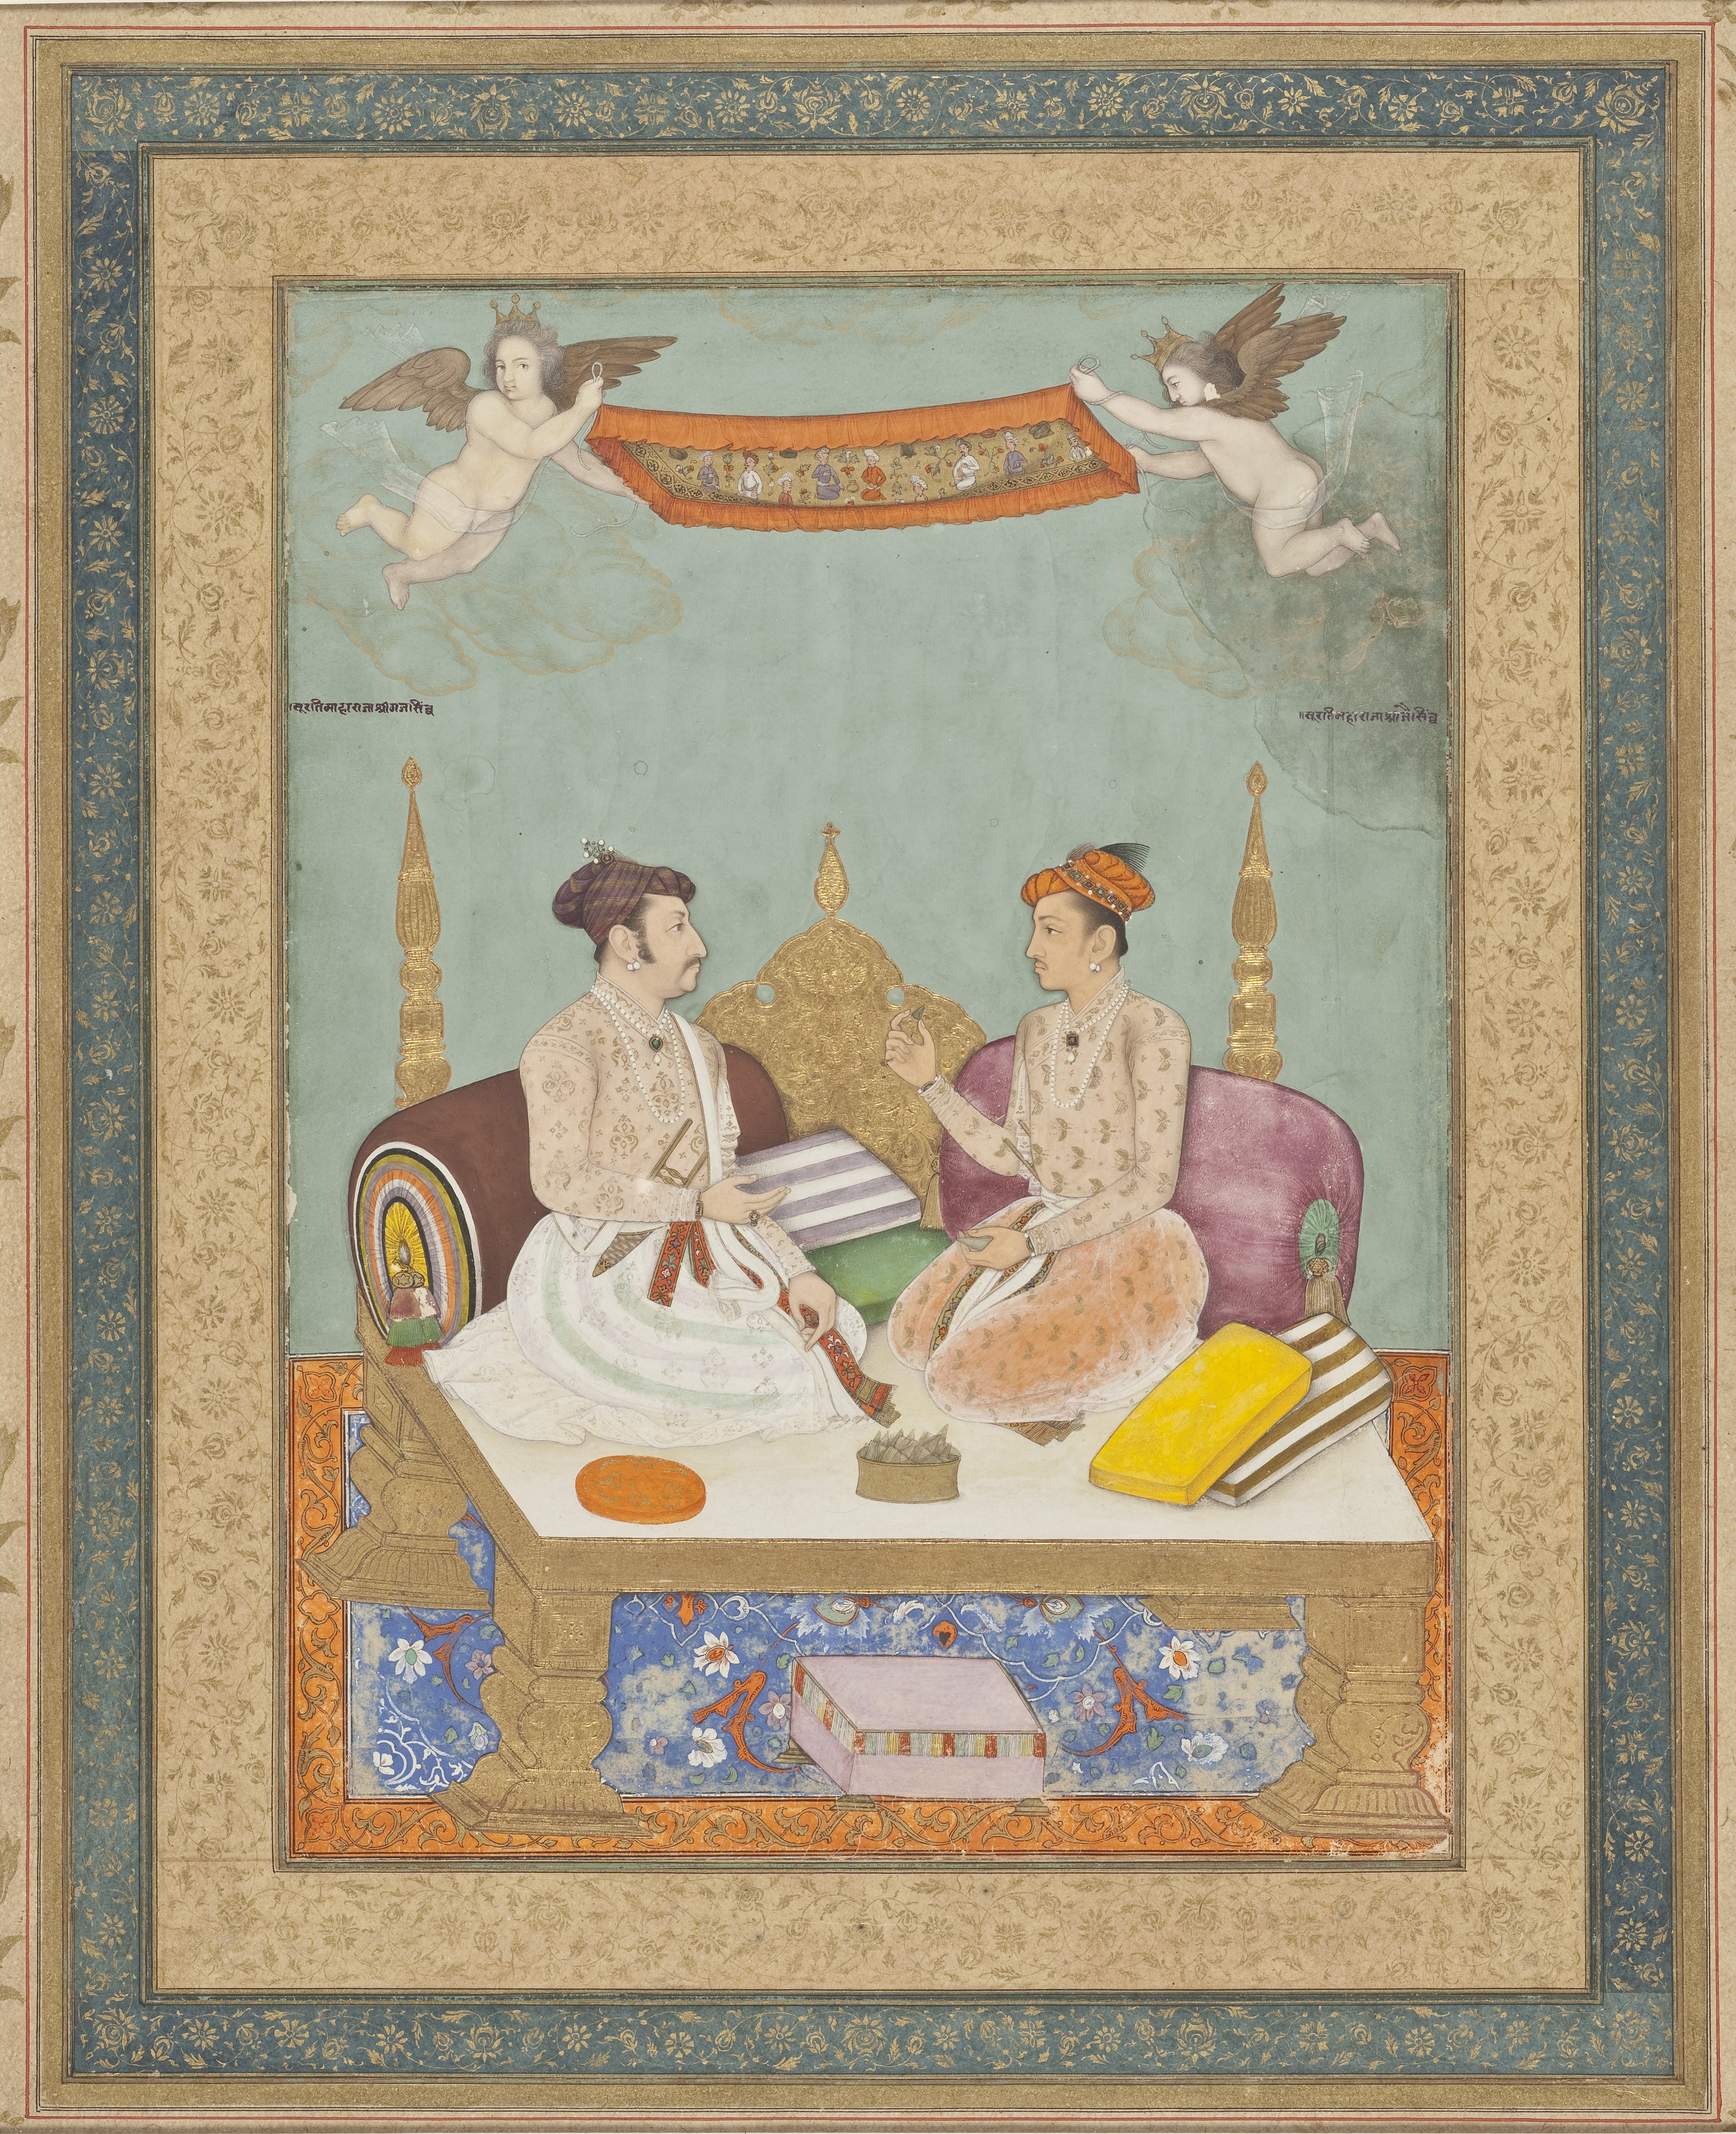 Indian erotic literature